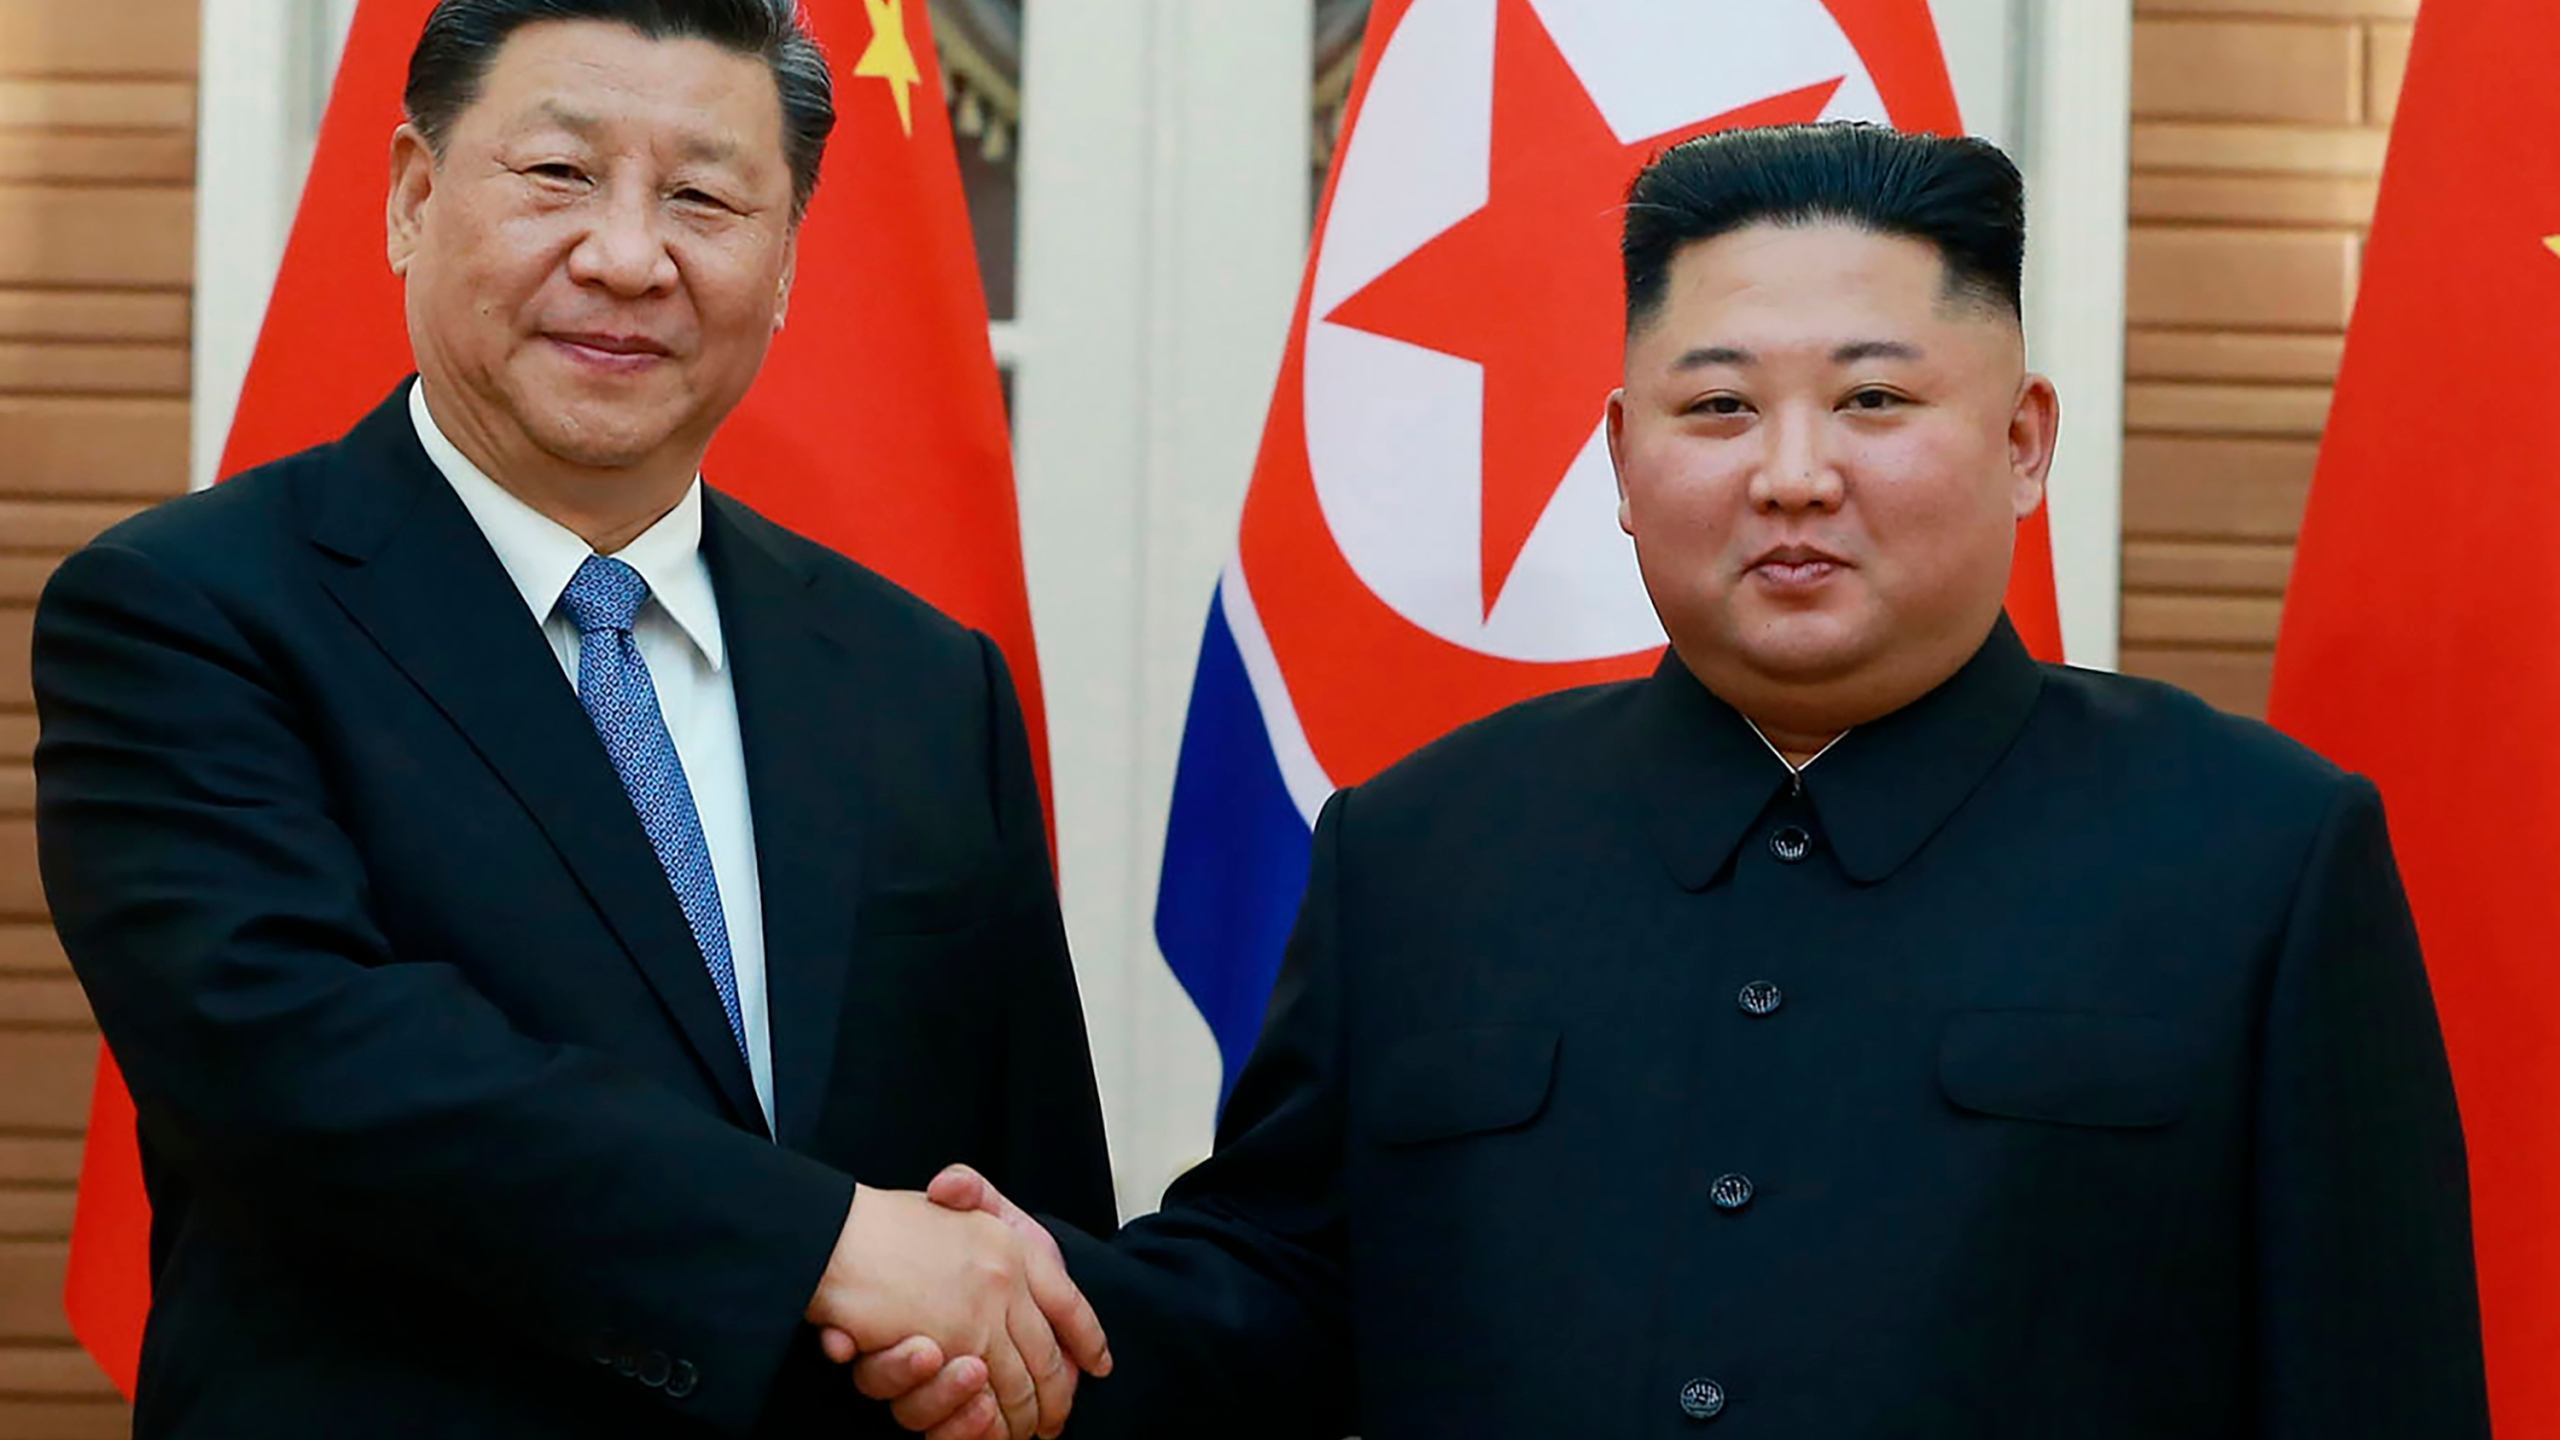 Kim Jong Un, Xi Jinping